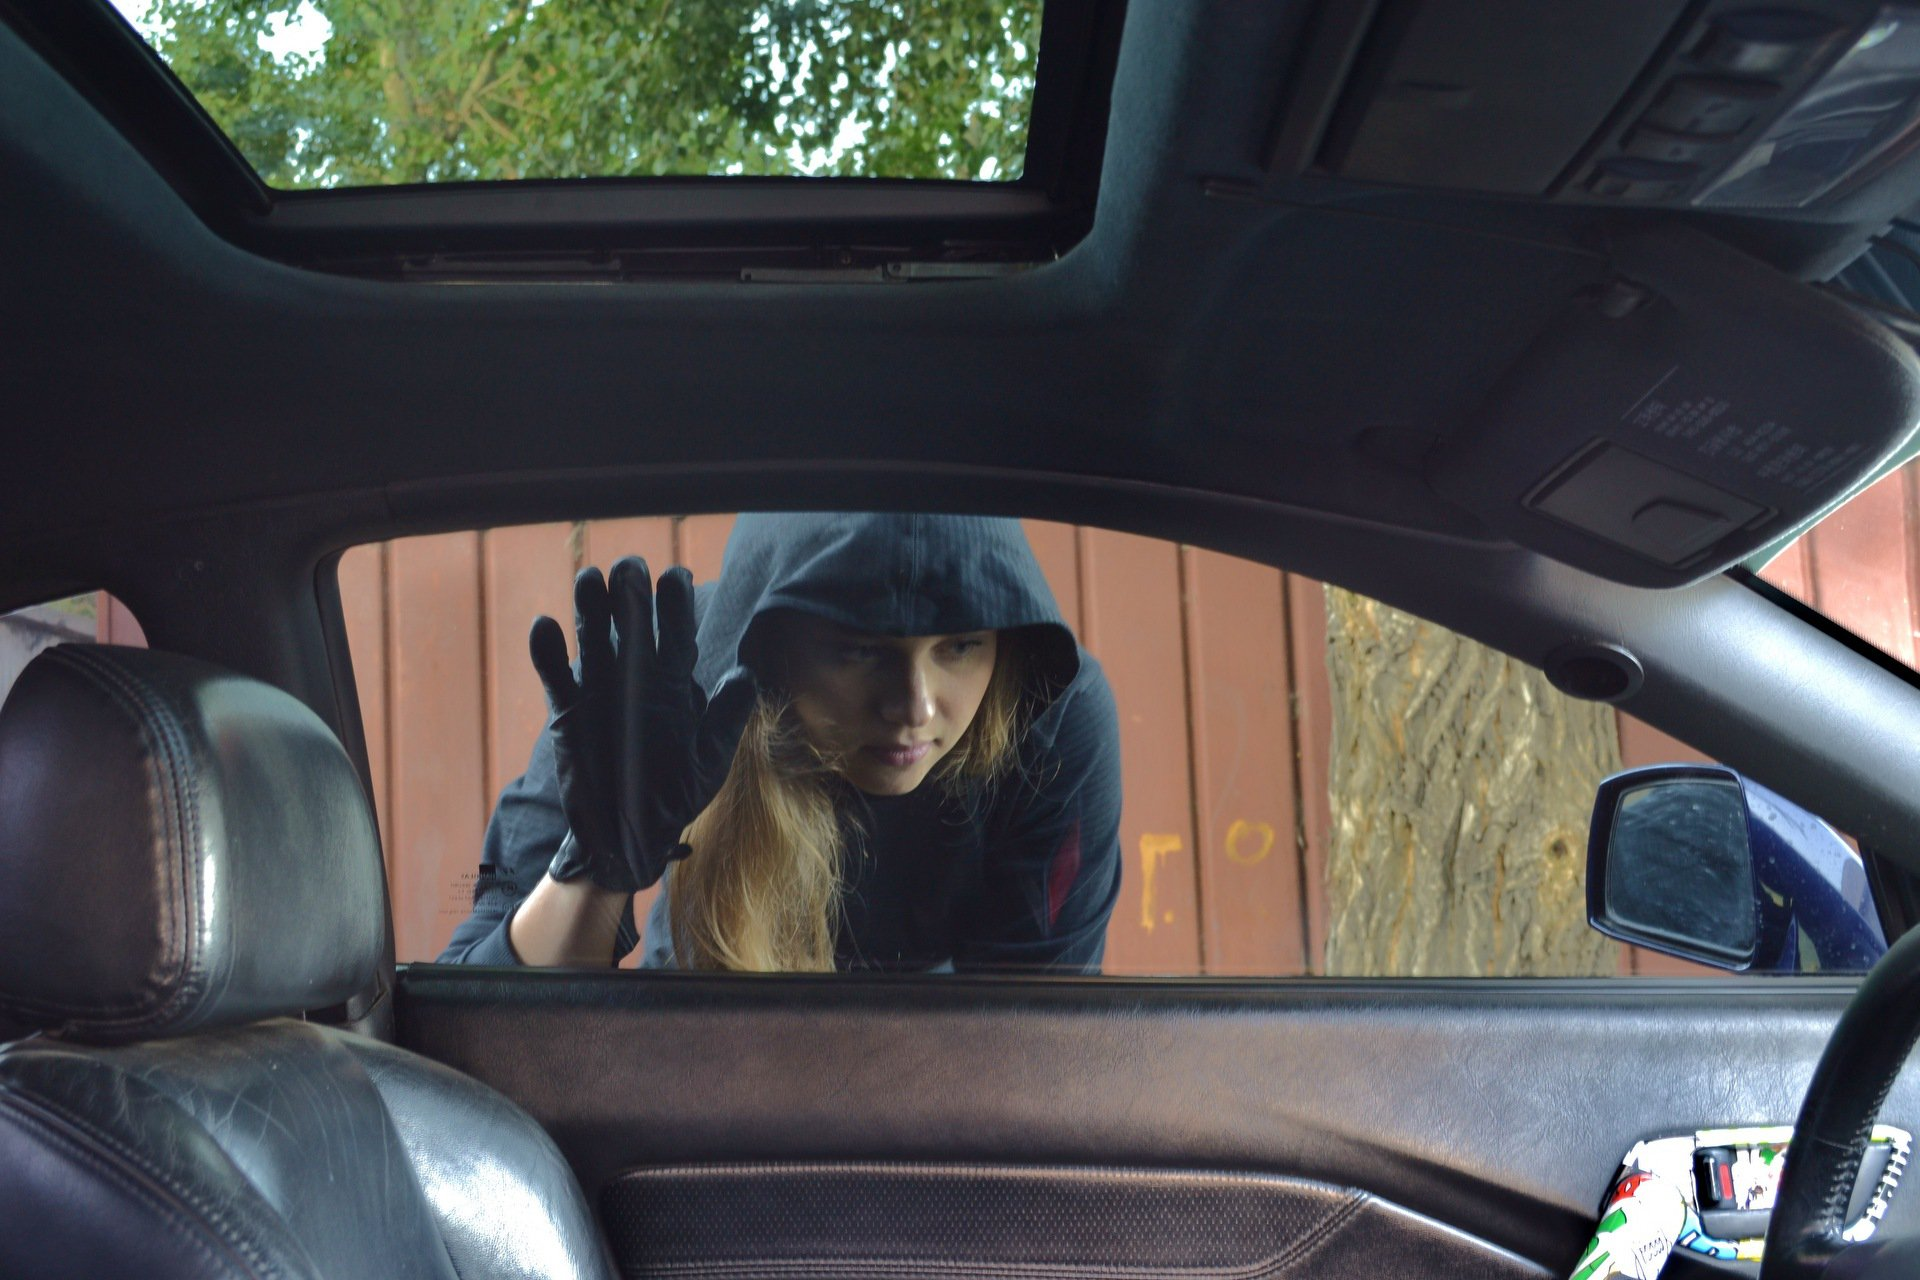 Забайкалка совершила три преступления за один раз – угнала авто, похитила деньги и телефон